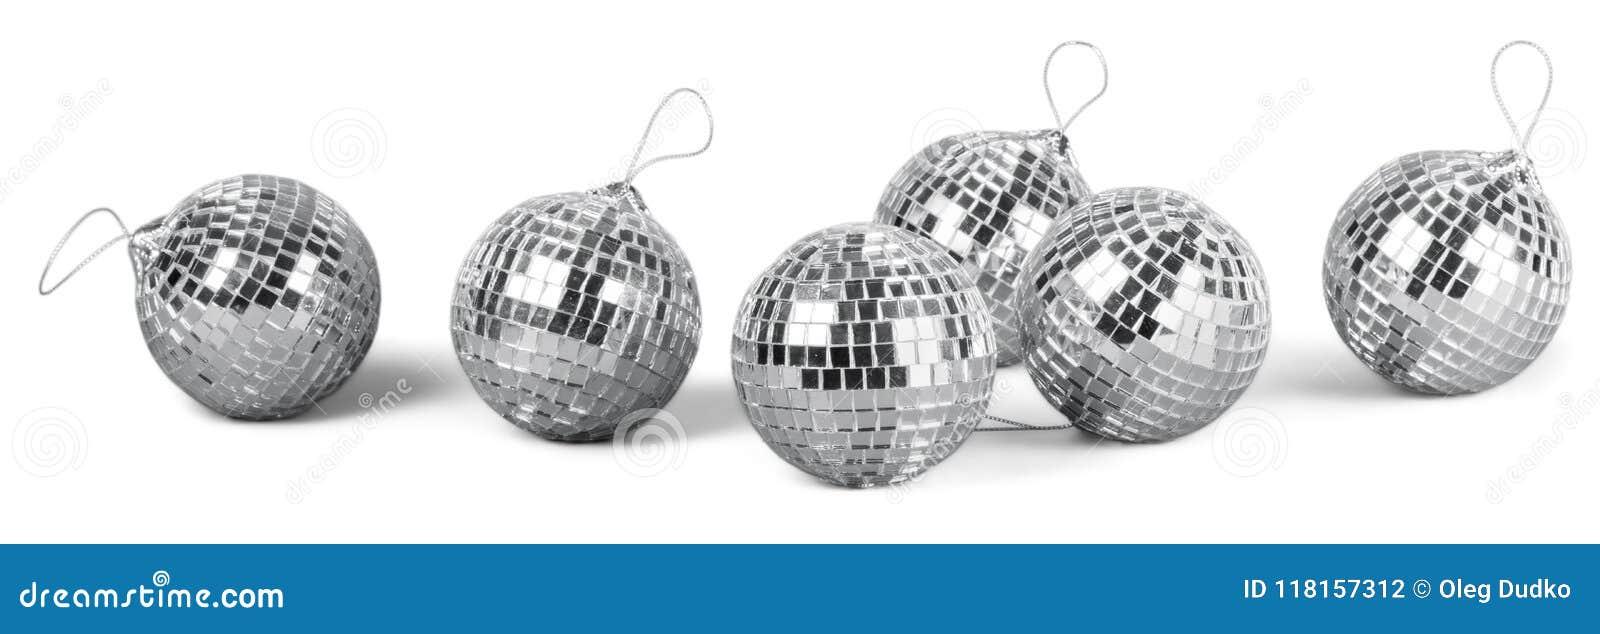 Silver disco mirror balls isolated on white